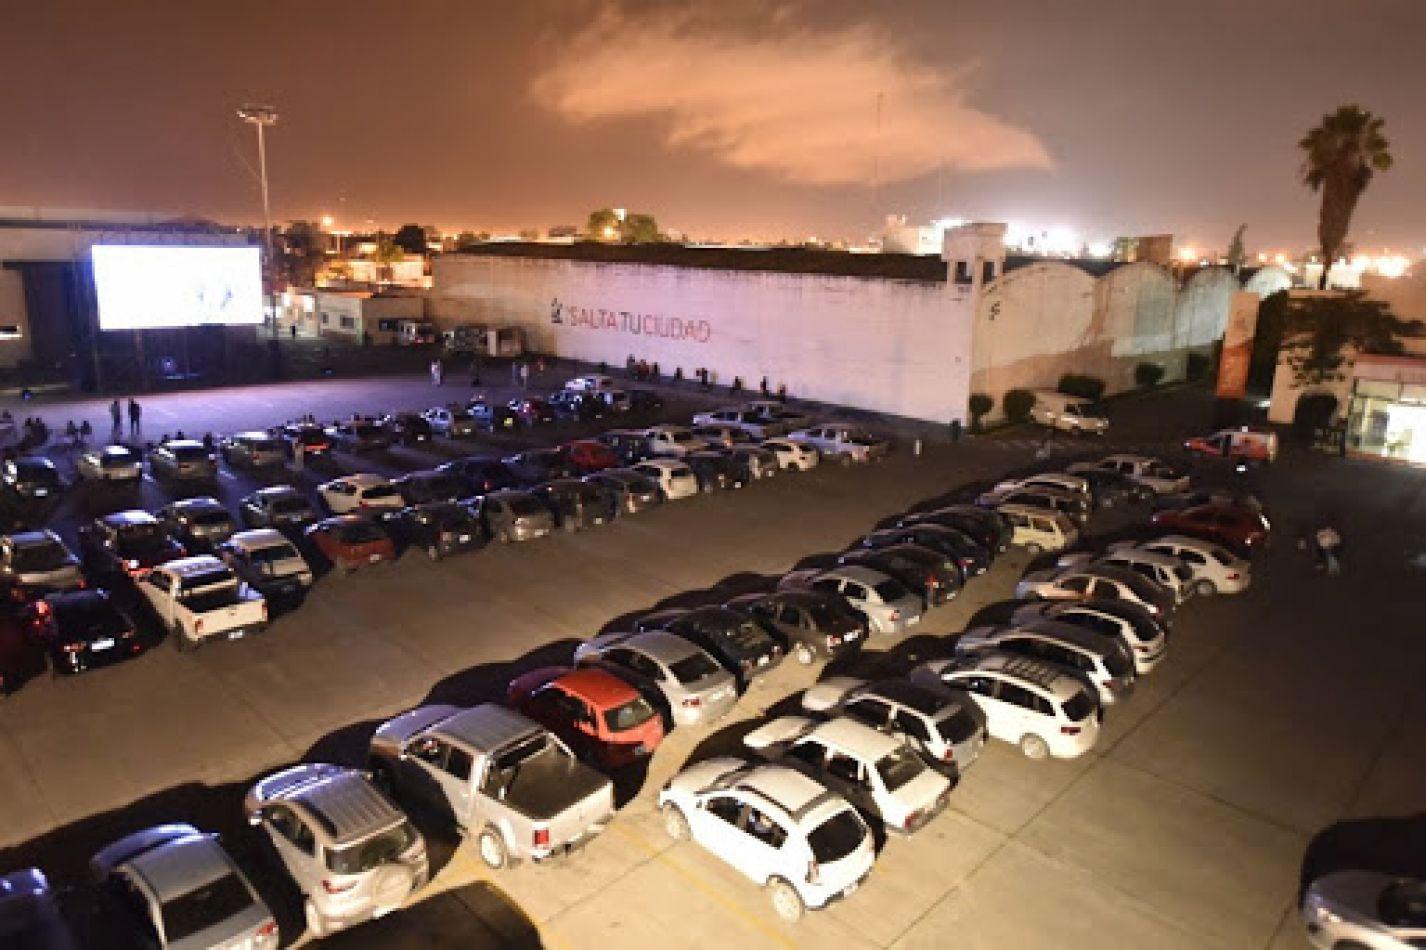 Autocine en Salta: ante la falta de salas, el Concejo aprobó un proyecto para espectáculos callejeros